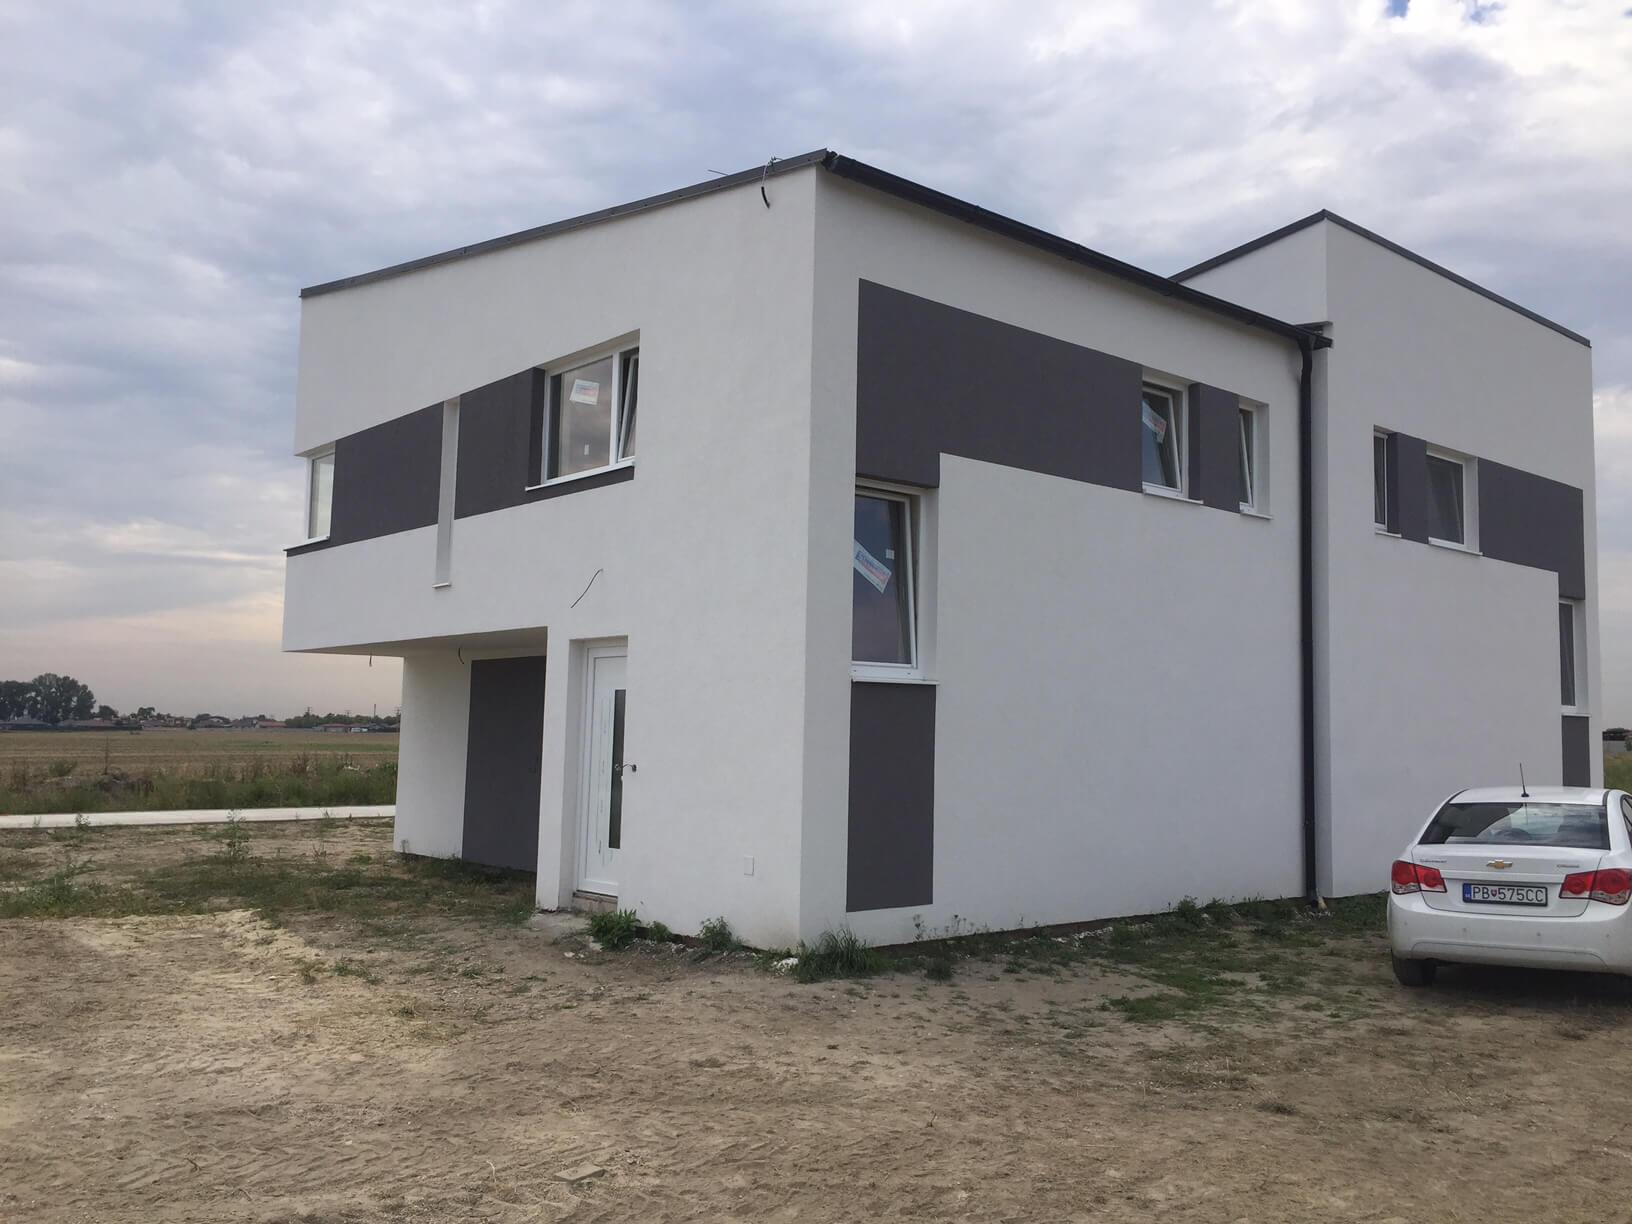 Predané: Posledný Rodinný dom v Dunajskej Lužnej v tichej lokalite, pri Košariskách, pri vlaku, 106m2, pozemok 422m2-10